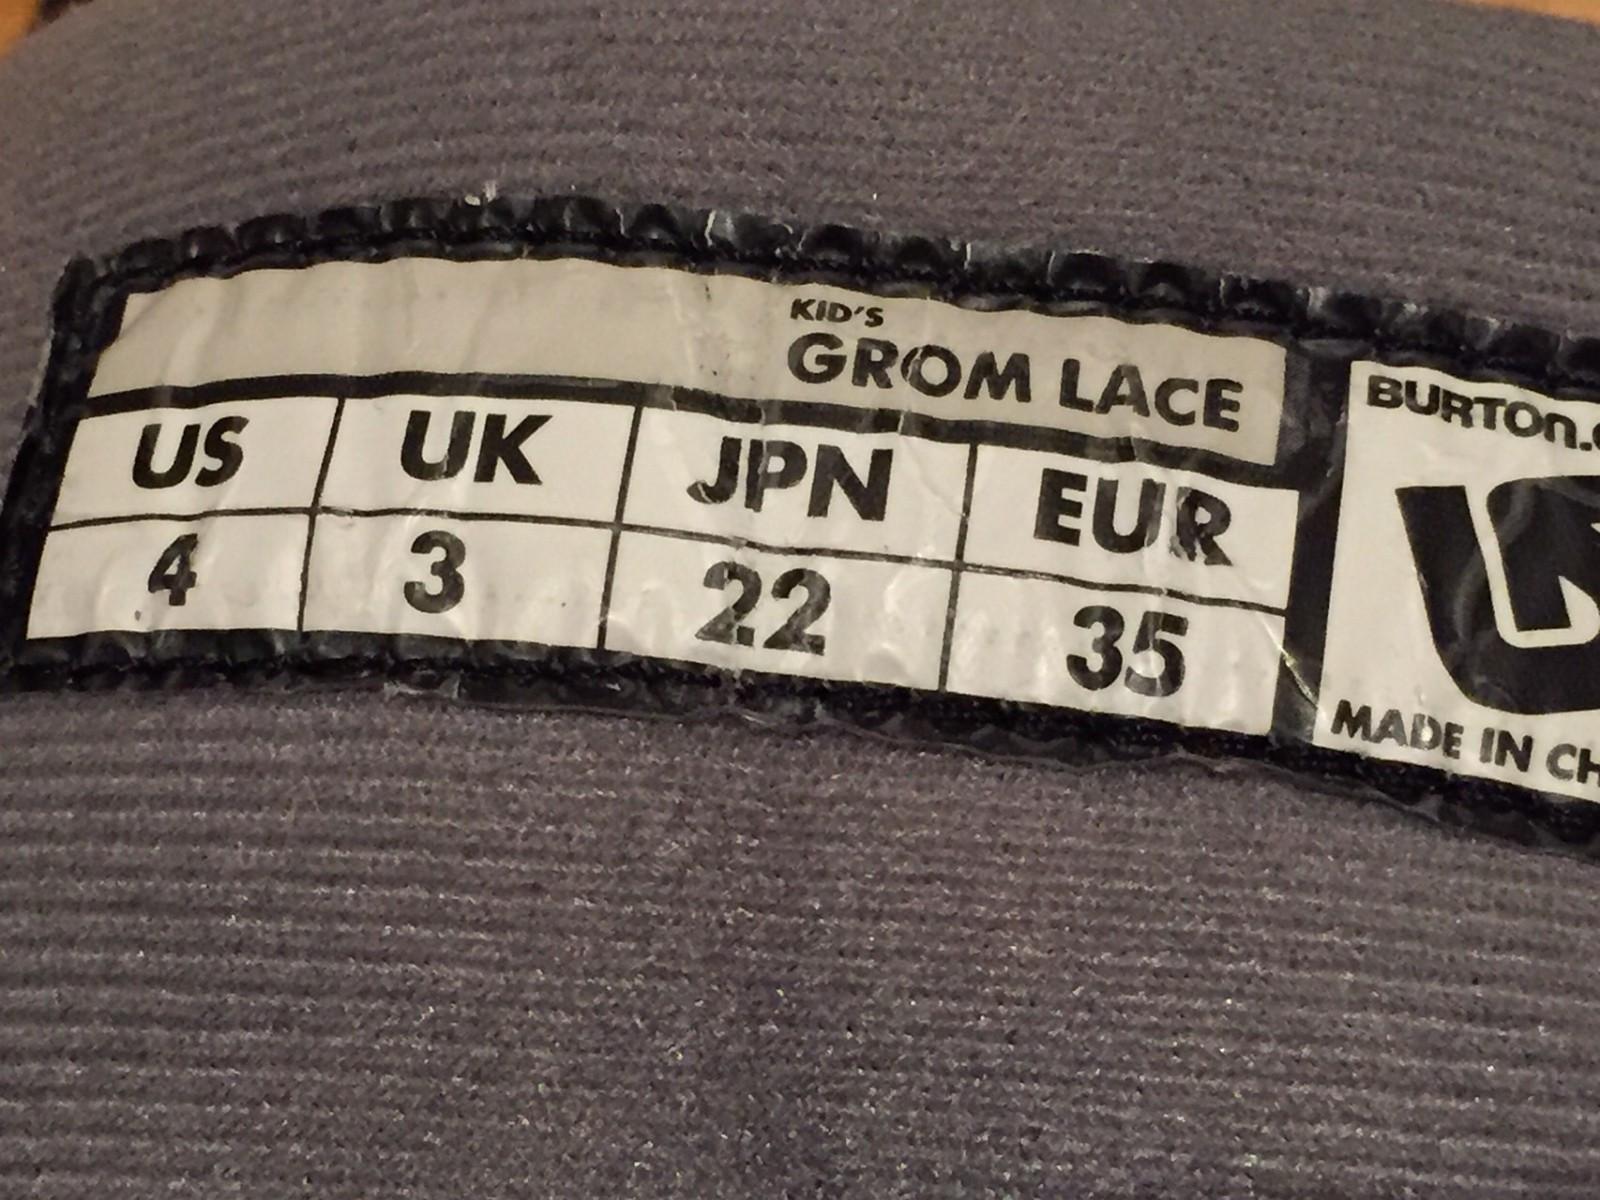 Snowboard støvler - Leirsund  - Snowboard støvler boots Burton Grom Lace Pene, lite brukt.  Str 35. - Leirsund